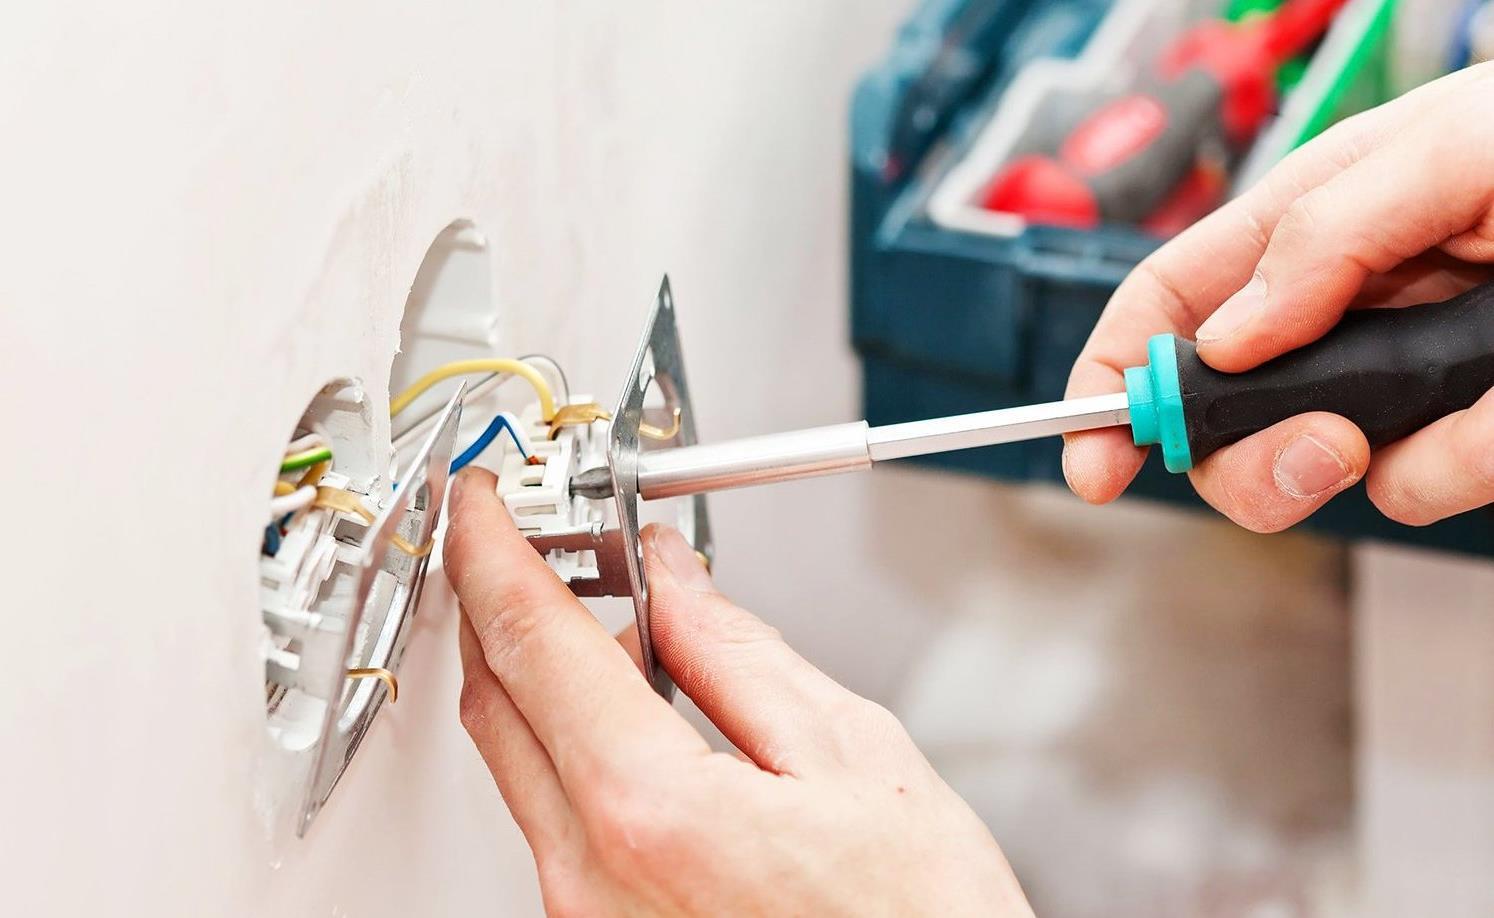 Установка розеток и выключателей от пола по евростандарту и ПУЭ, выбор места расположения электроприборов